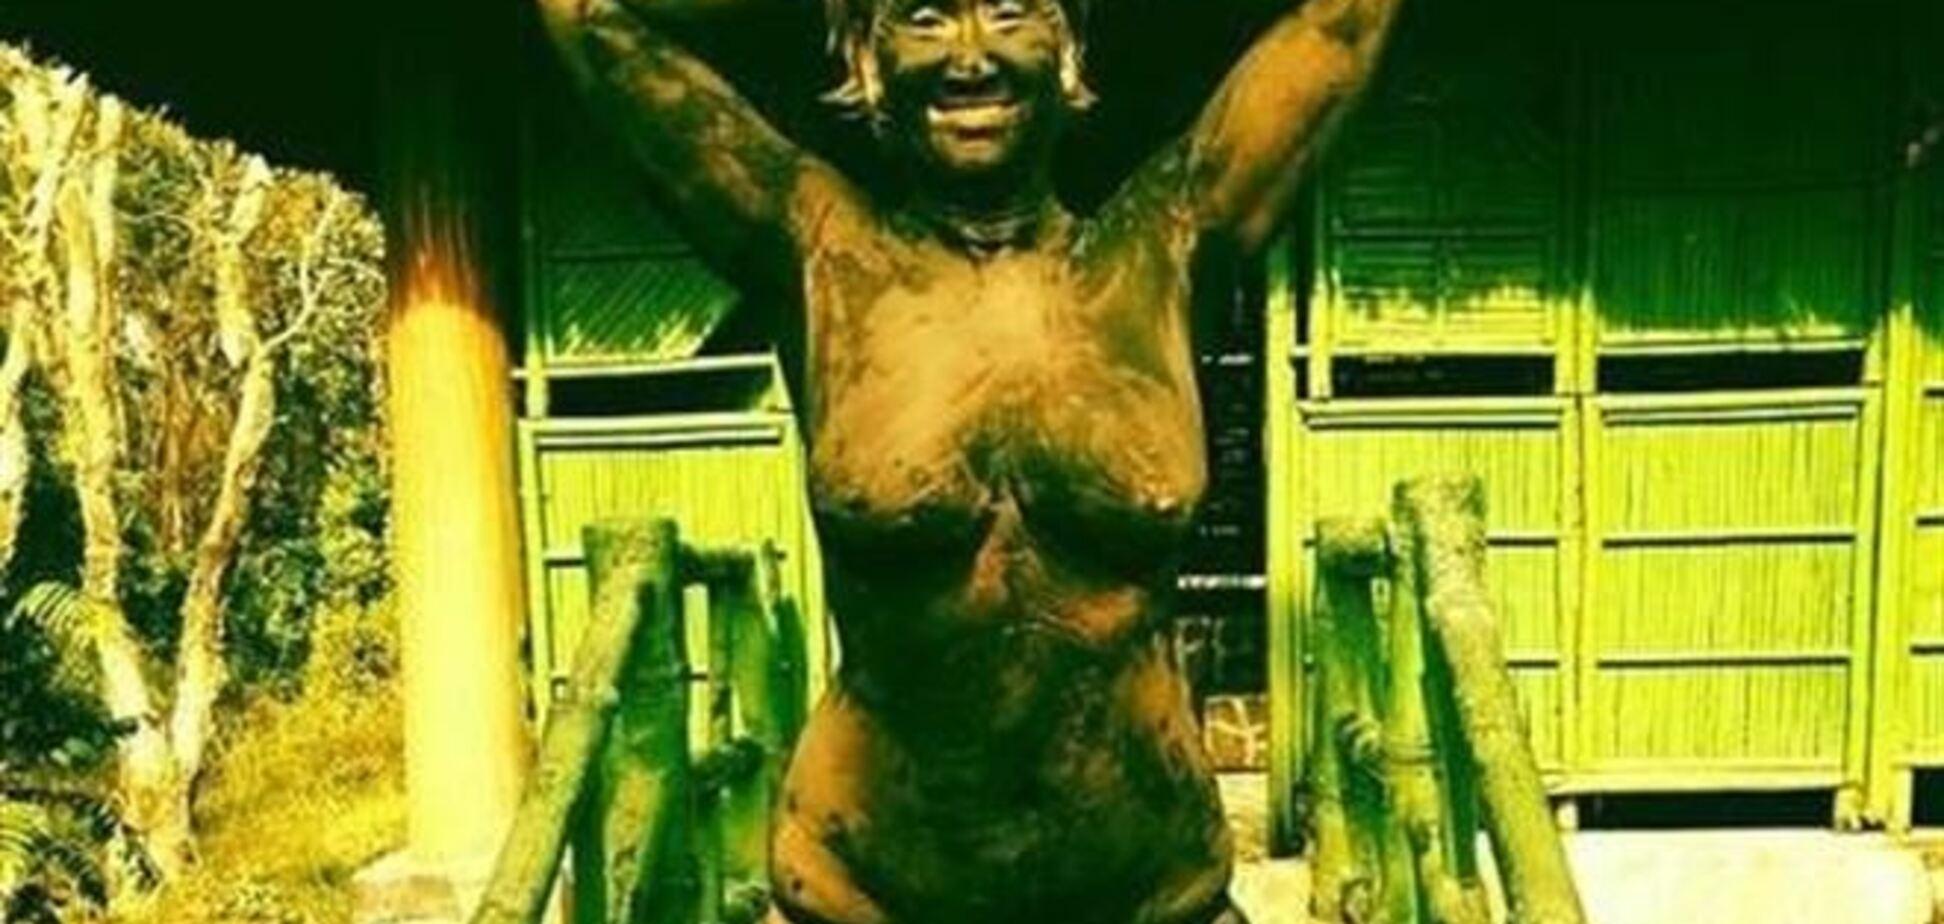 Шаляпін влаштував еротичну фотосесію своїй богатенькой дружині